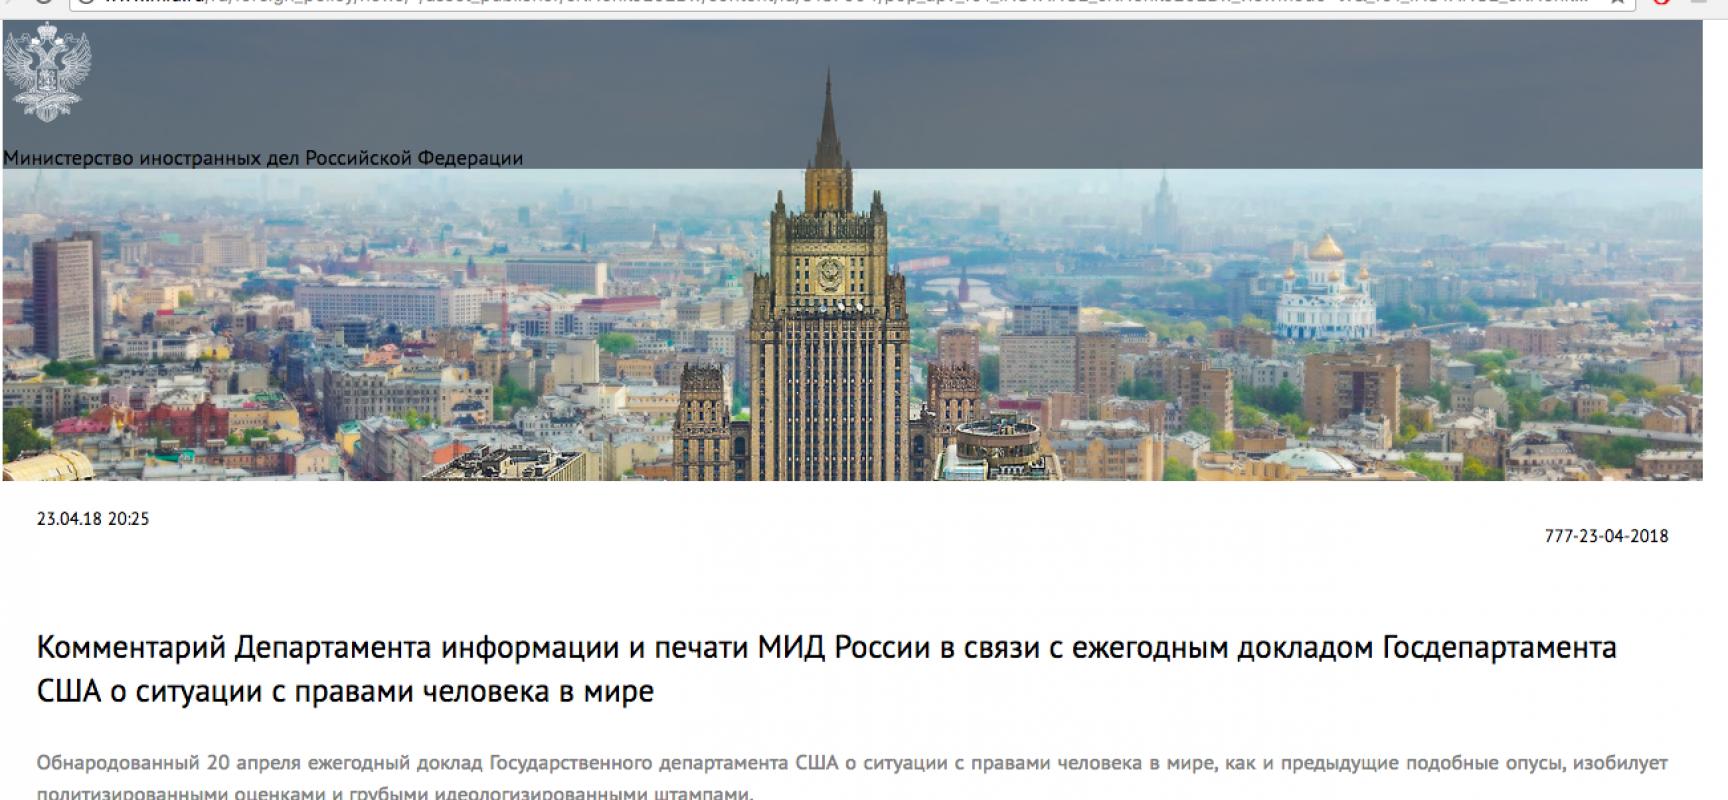 Fake: L'Ucraina è leader nelle violazioni dei diritti umani